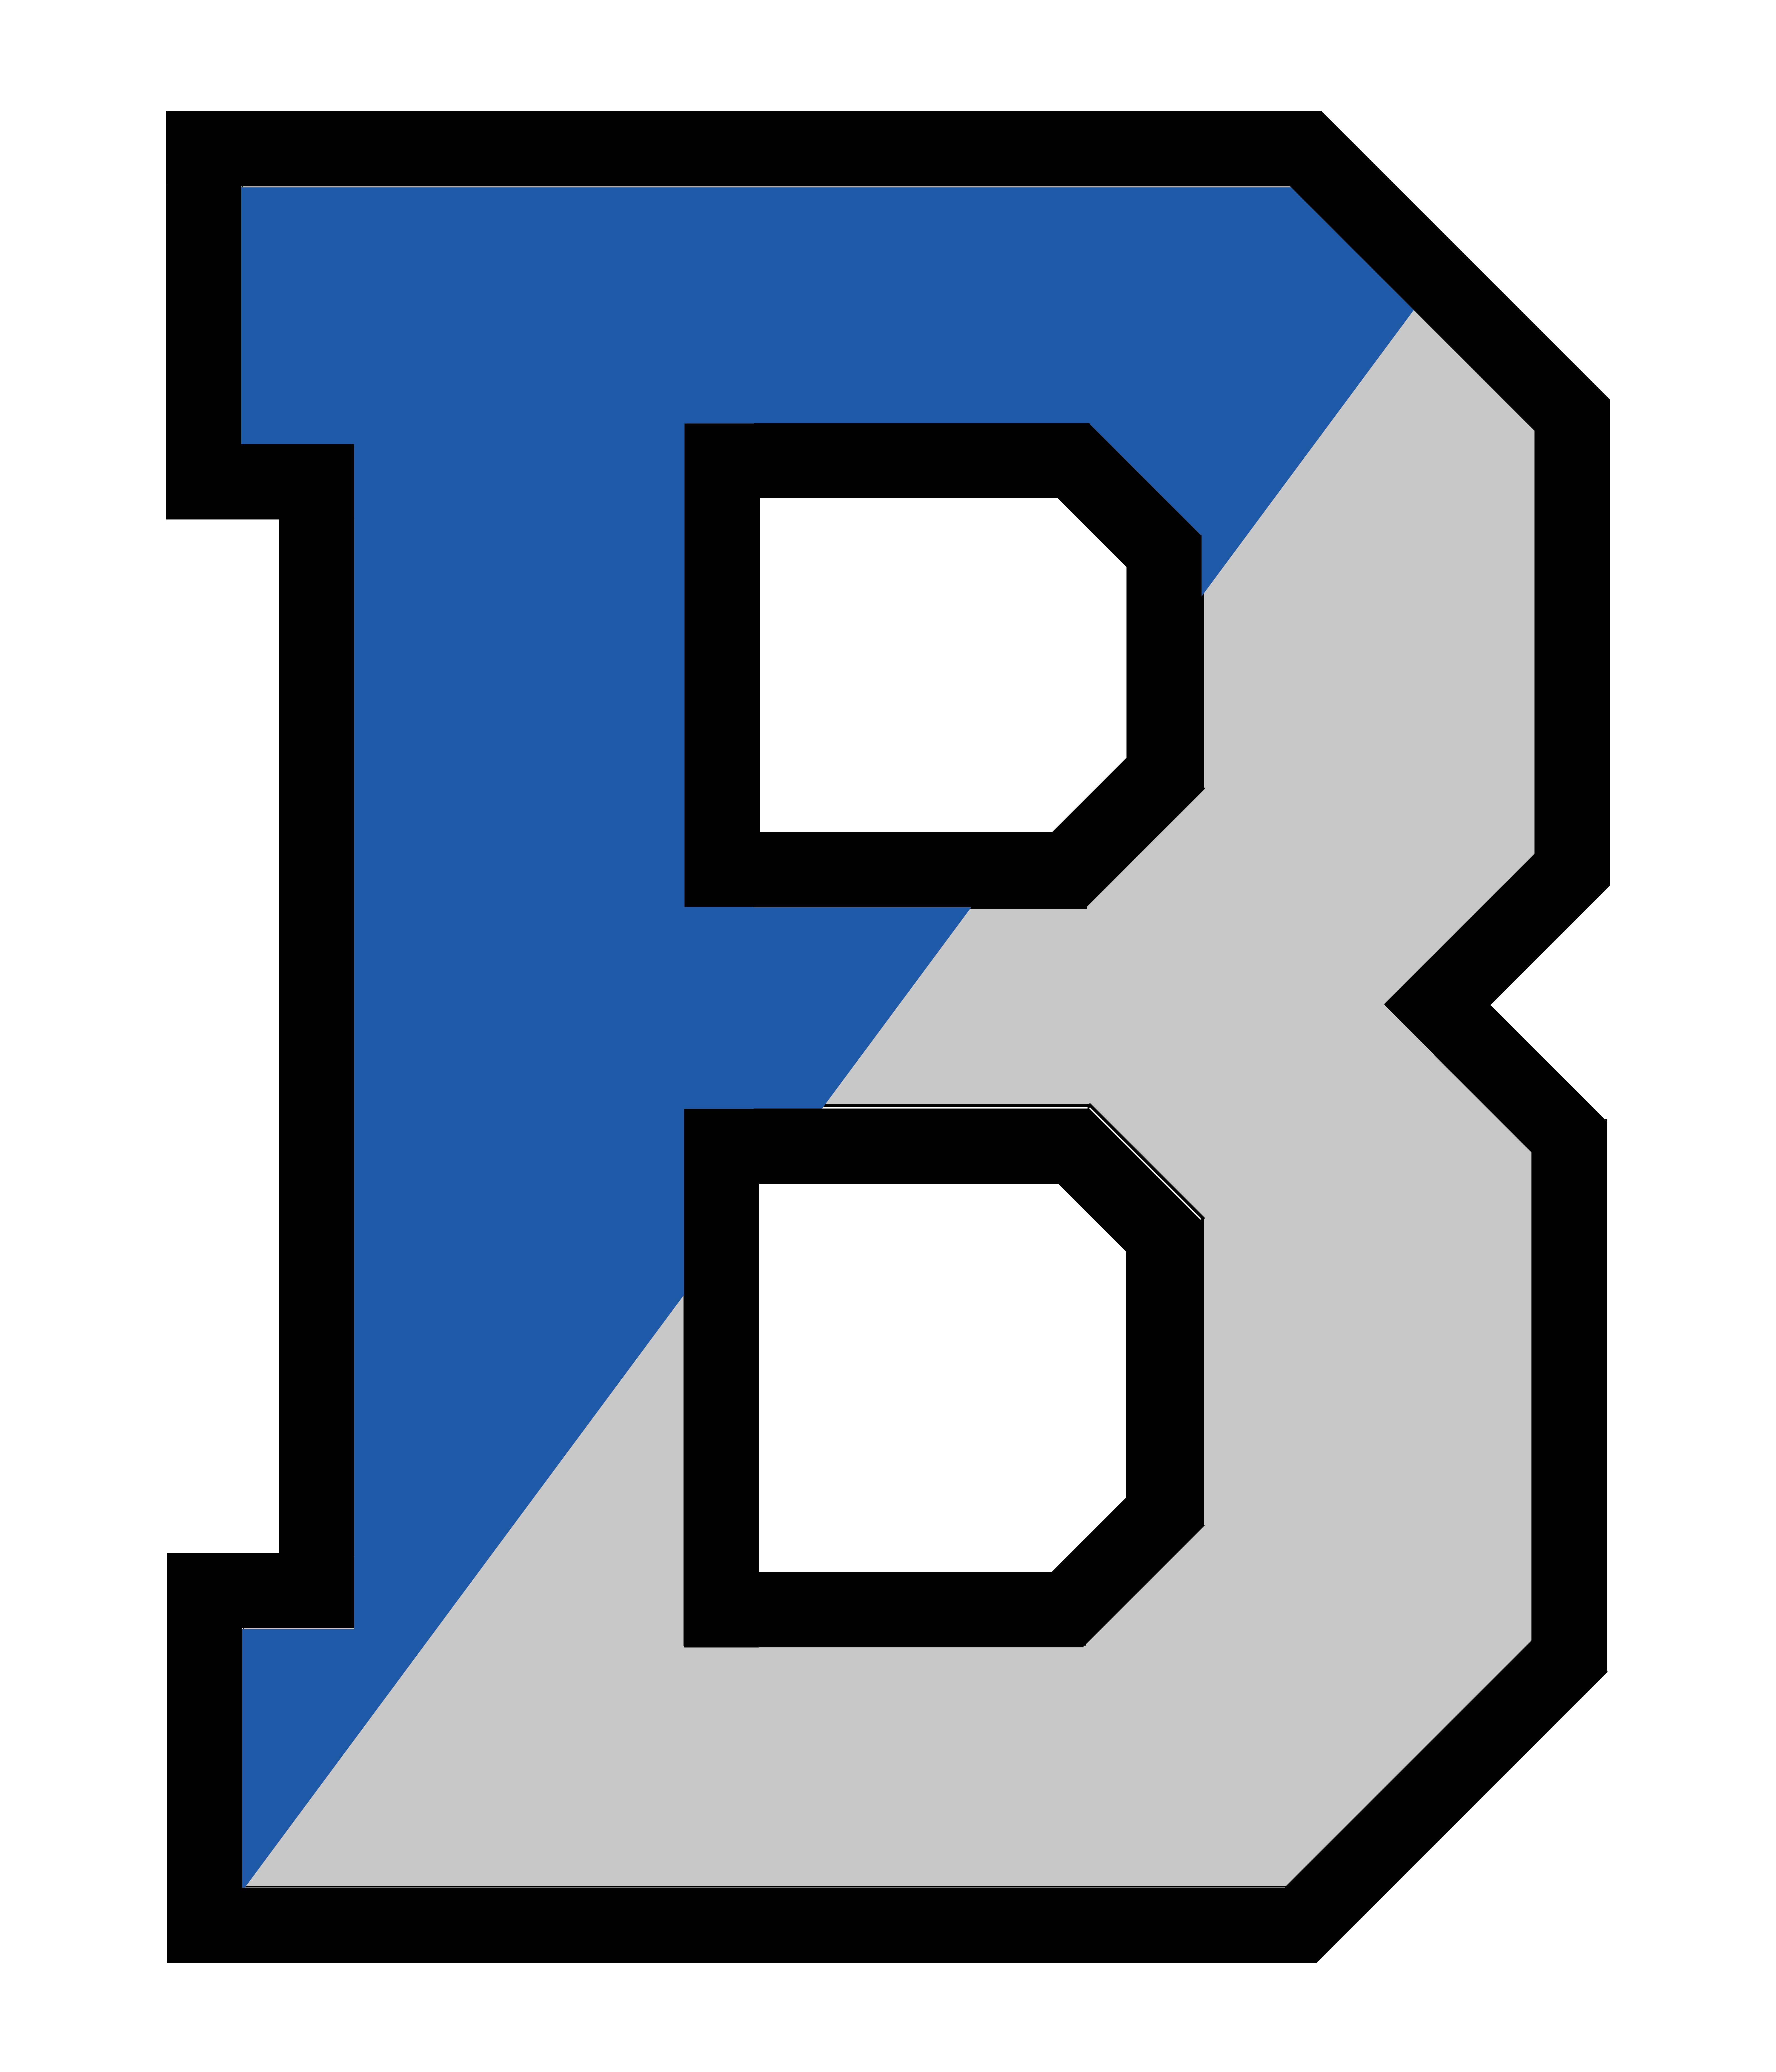 Bensalem School District Logo - Blue and Gray B divided, left half blue, right half gray